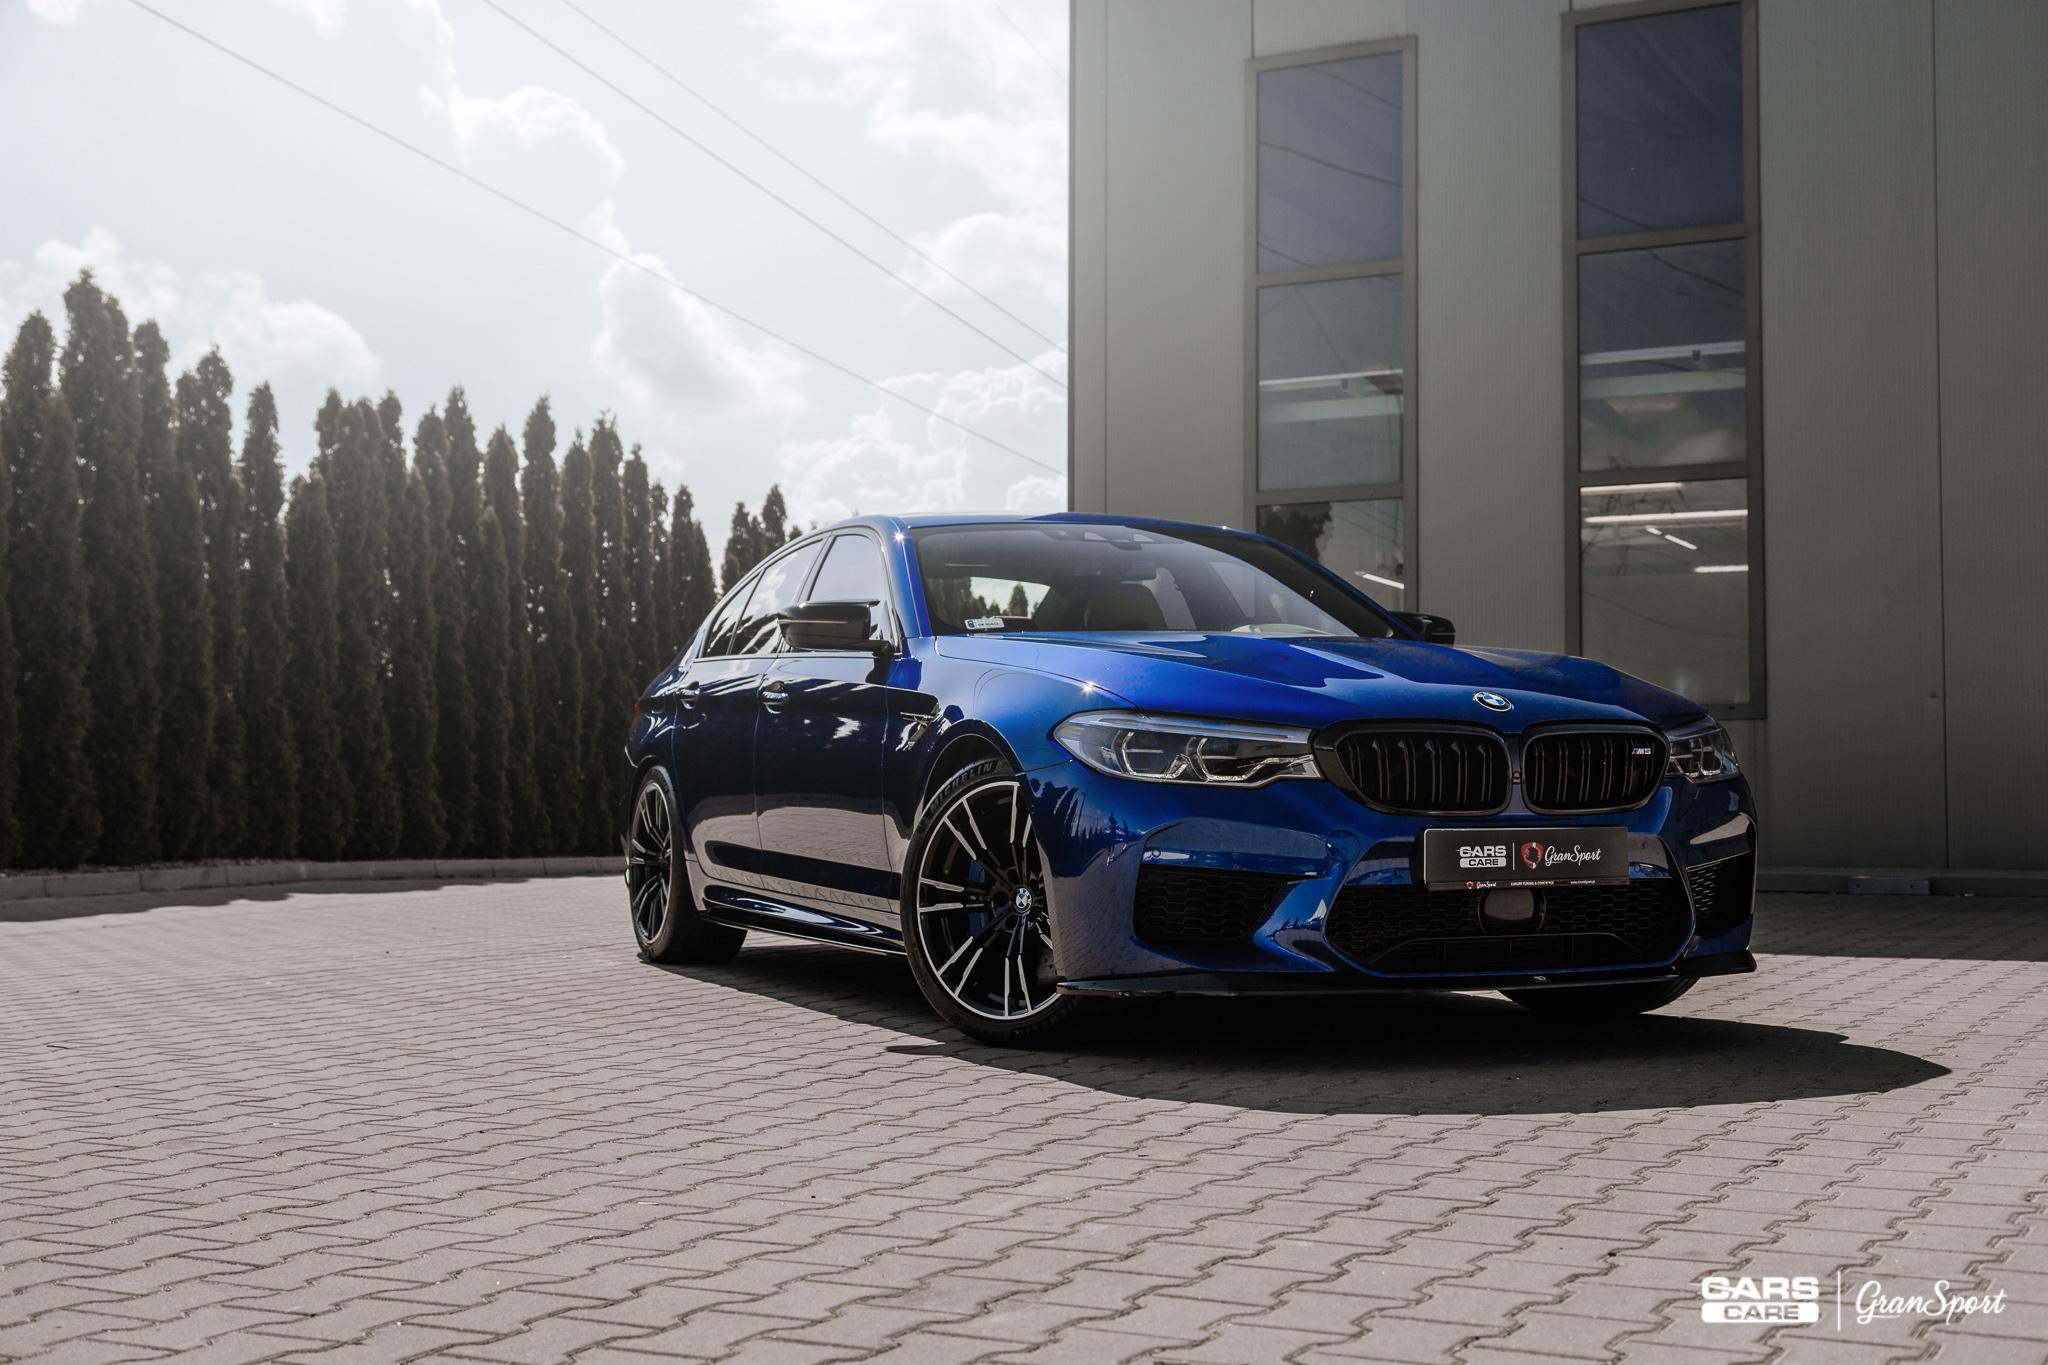 BMW M5 F90 - Zabezpieczenie auta bezbarwną folią ochronną - carscare.pl